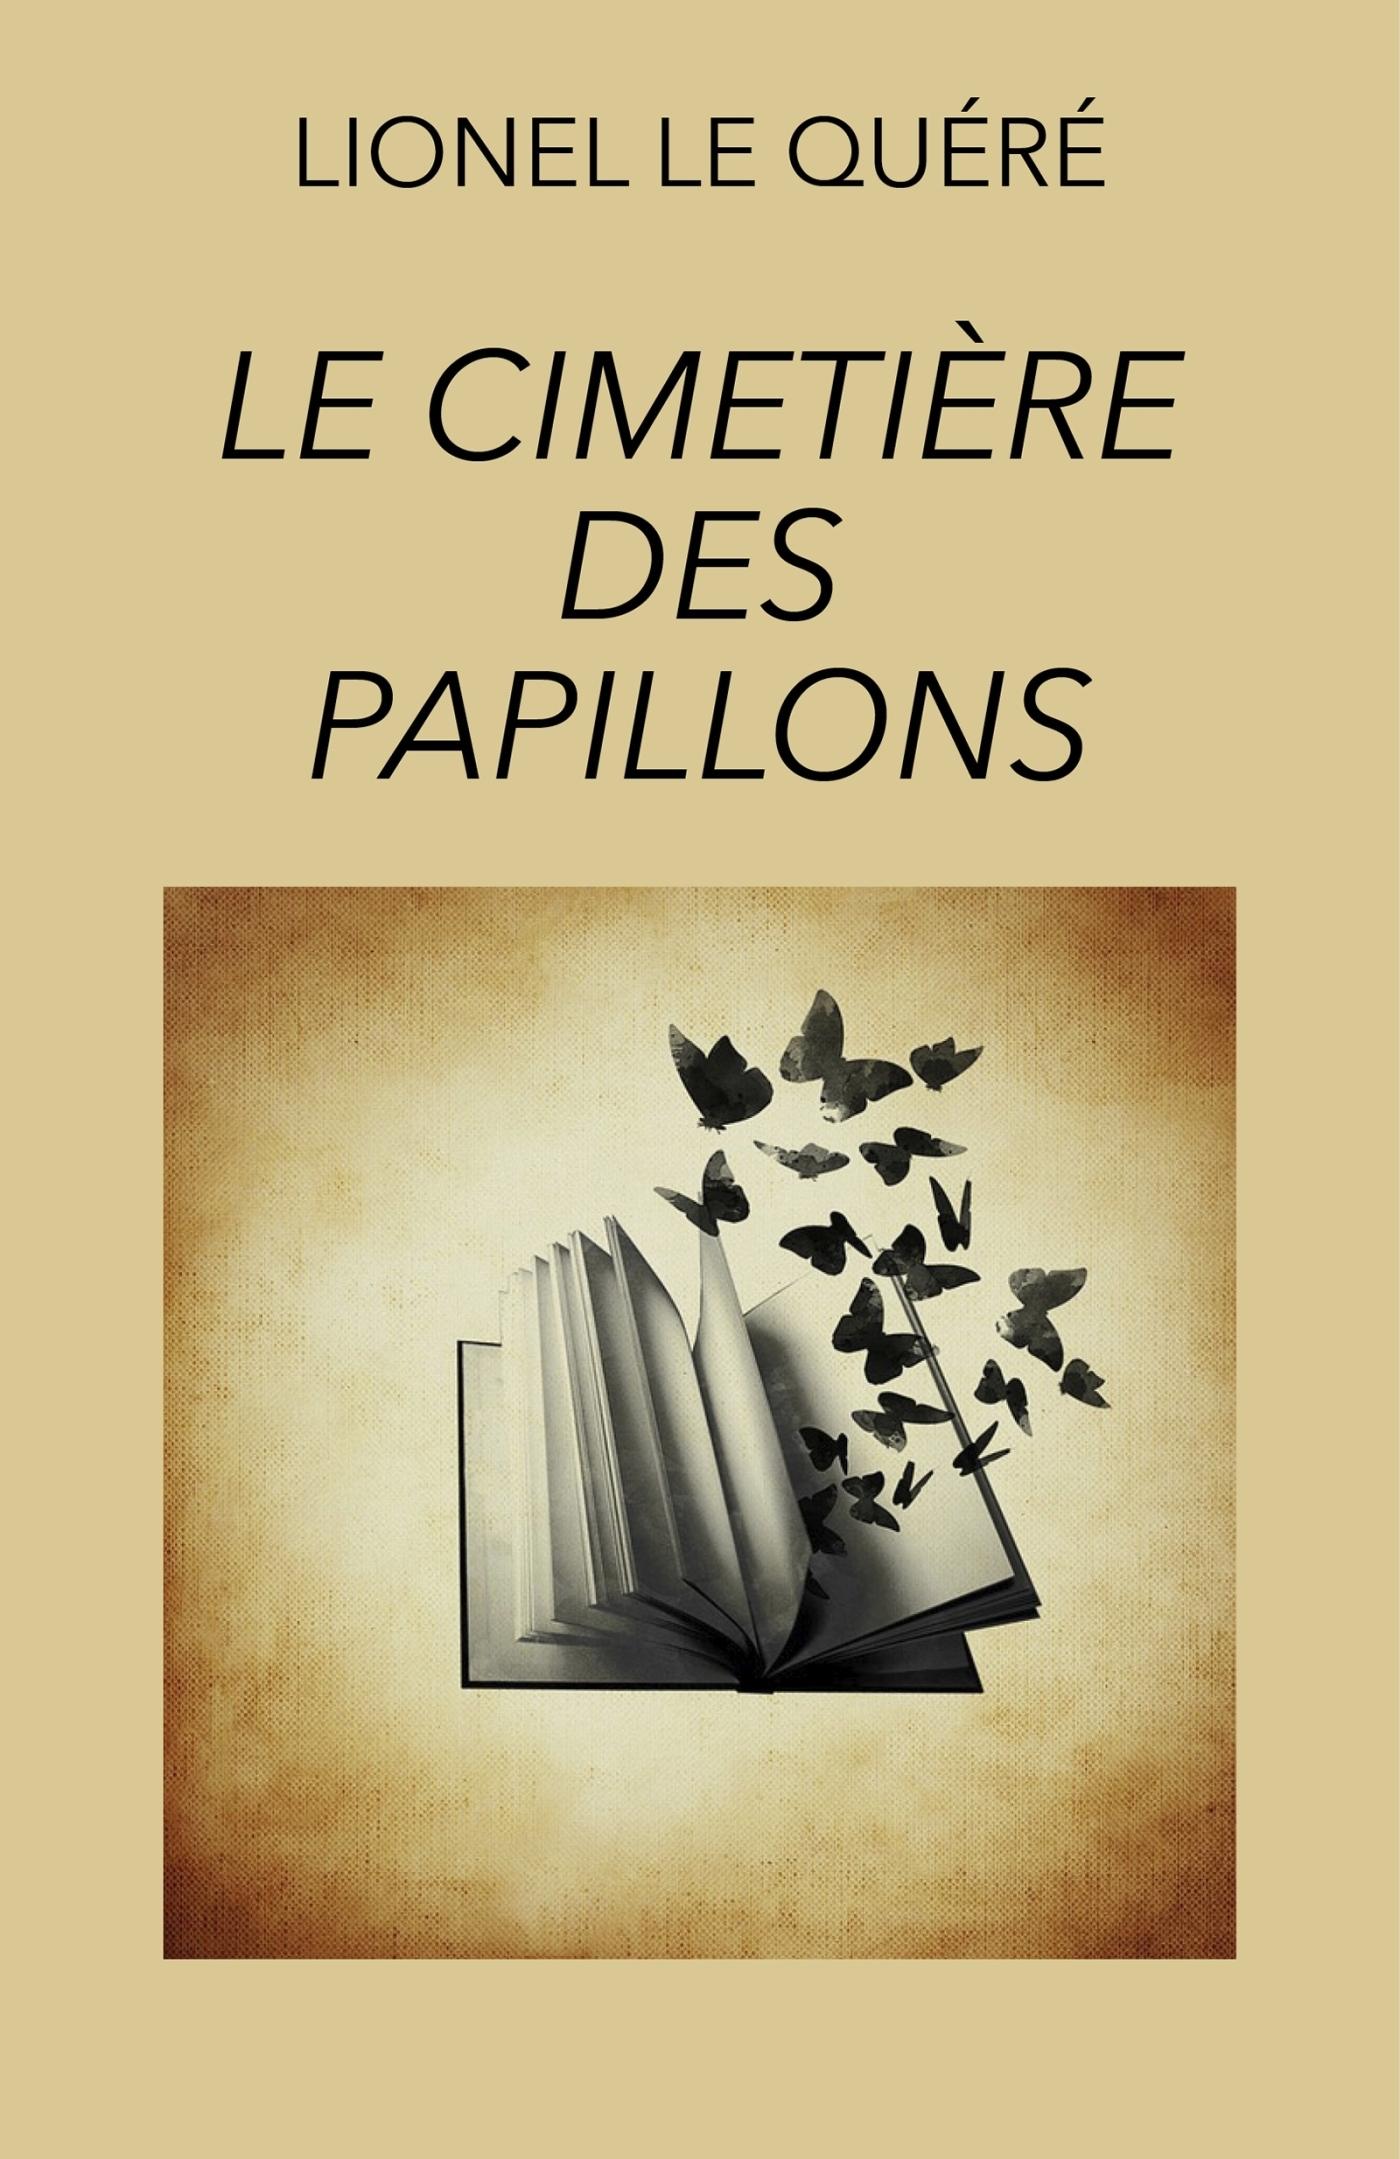 LE CIMETIERE DES PAPILLONS